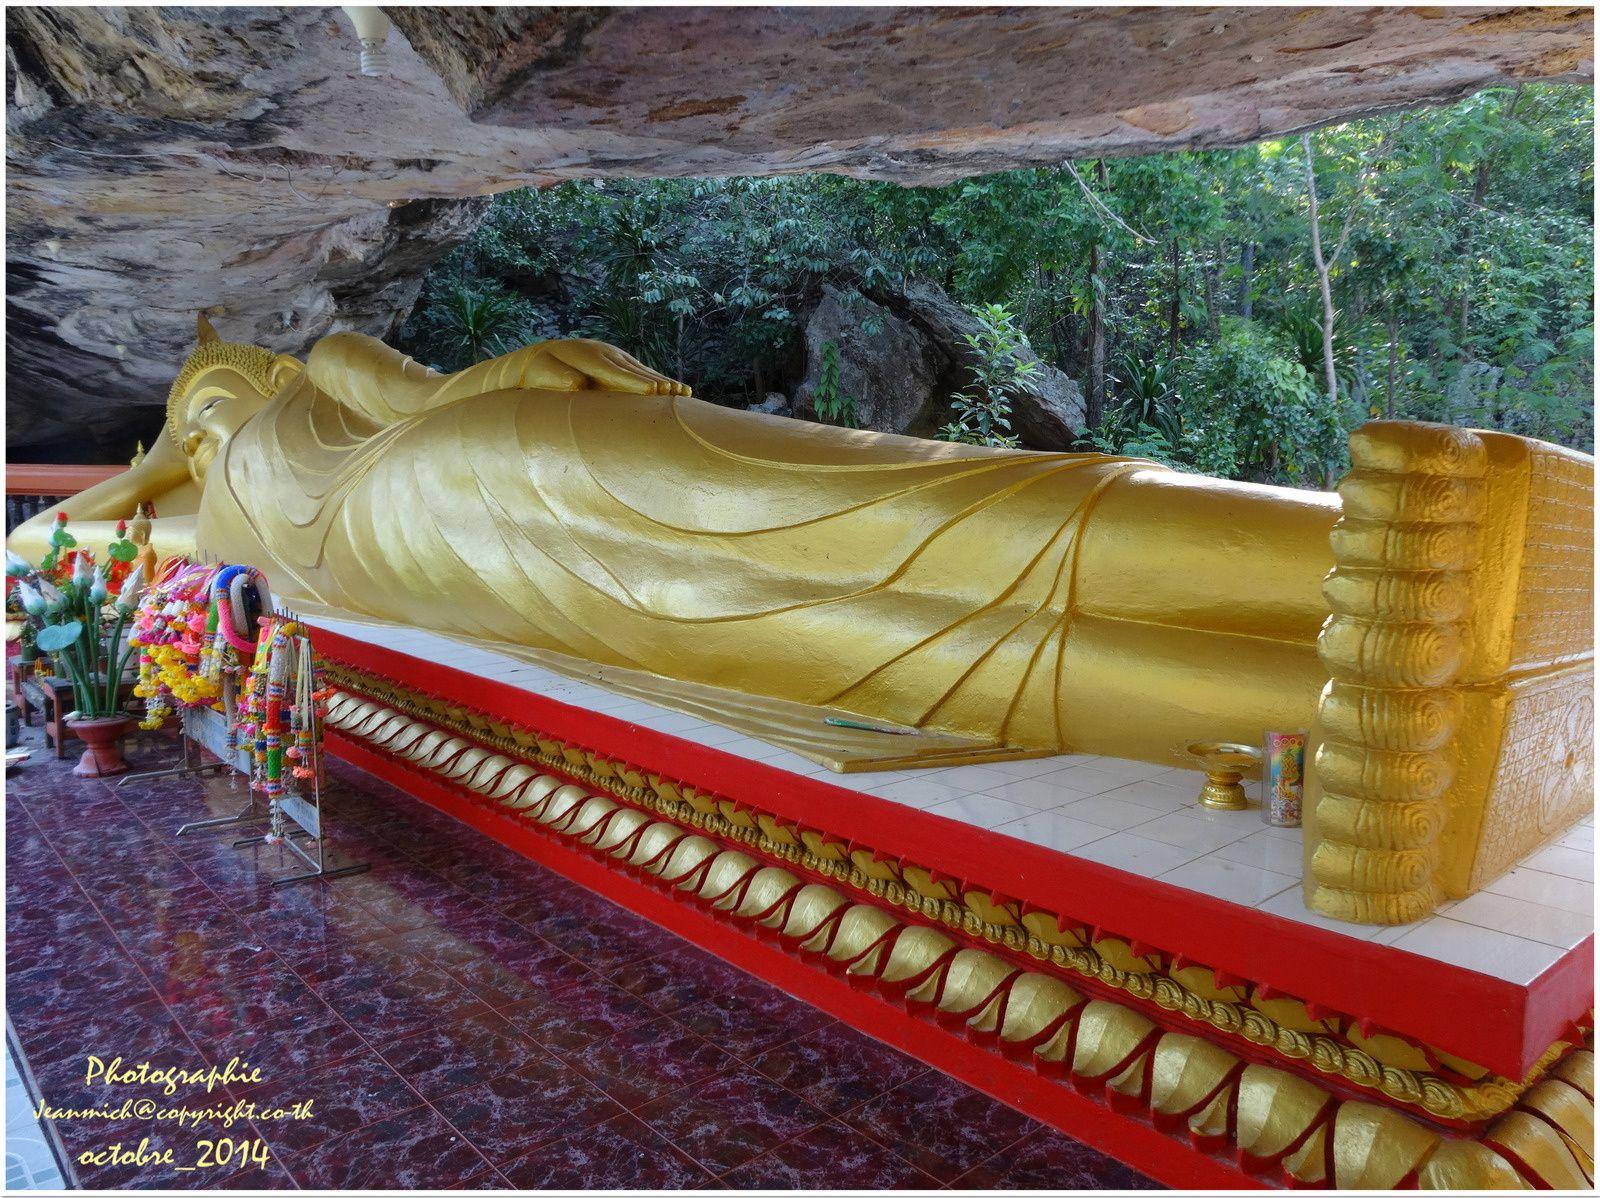 Difficile de saisir toute la statue de Bouddha dans le champ de vision de l'appareil de photo...